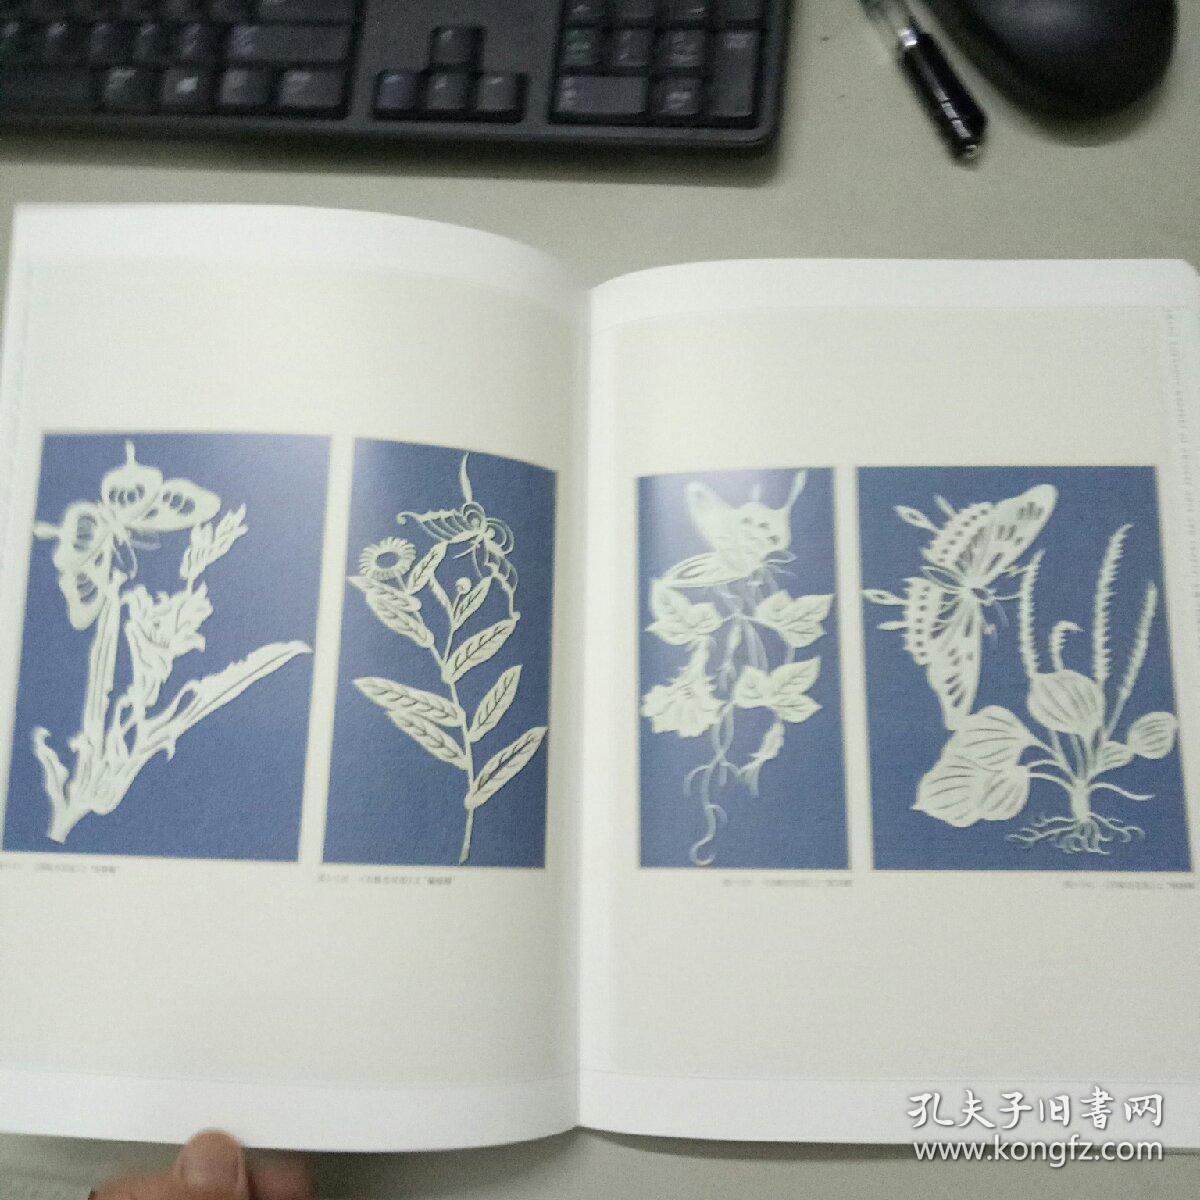 中国工艺美术大师:张永寿(剪纸)图片